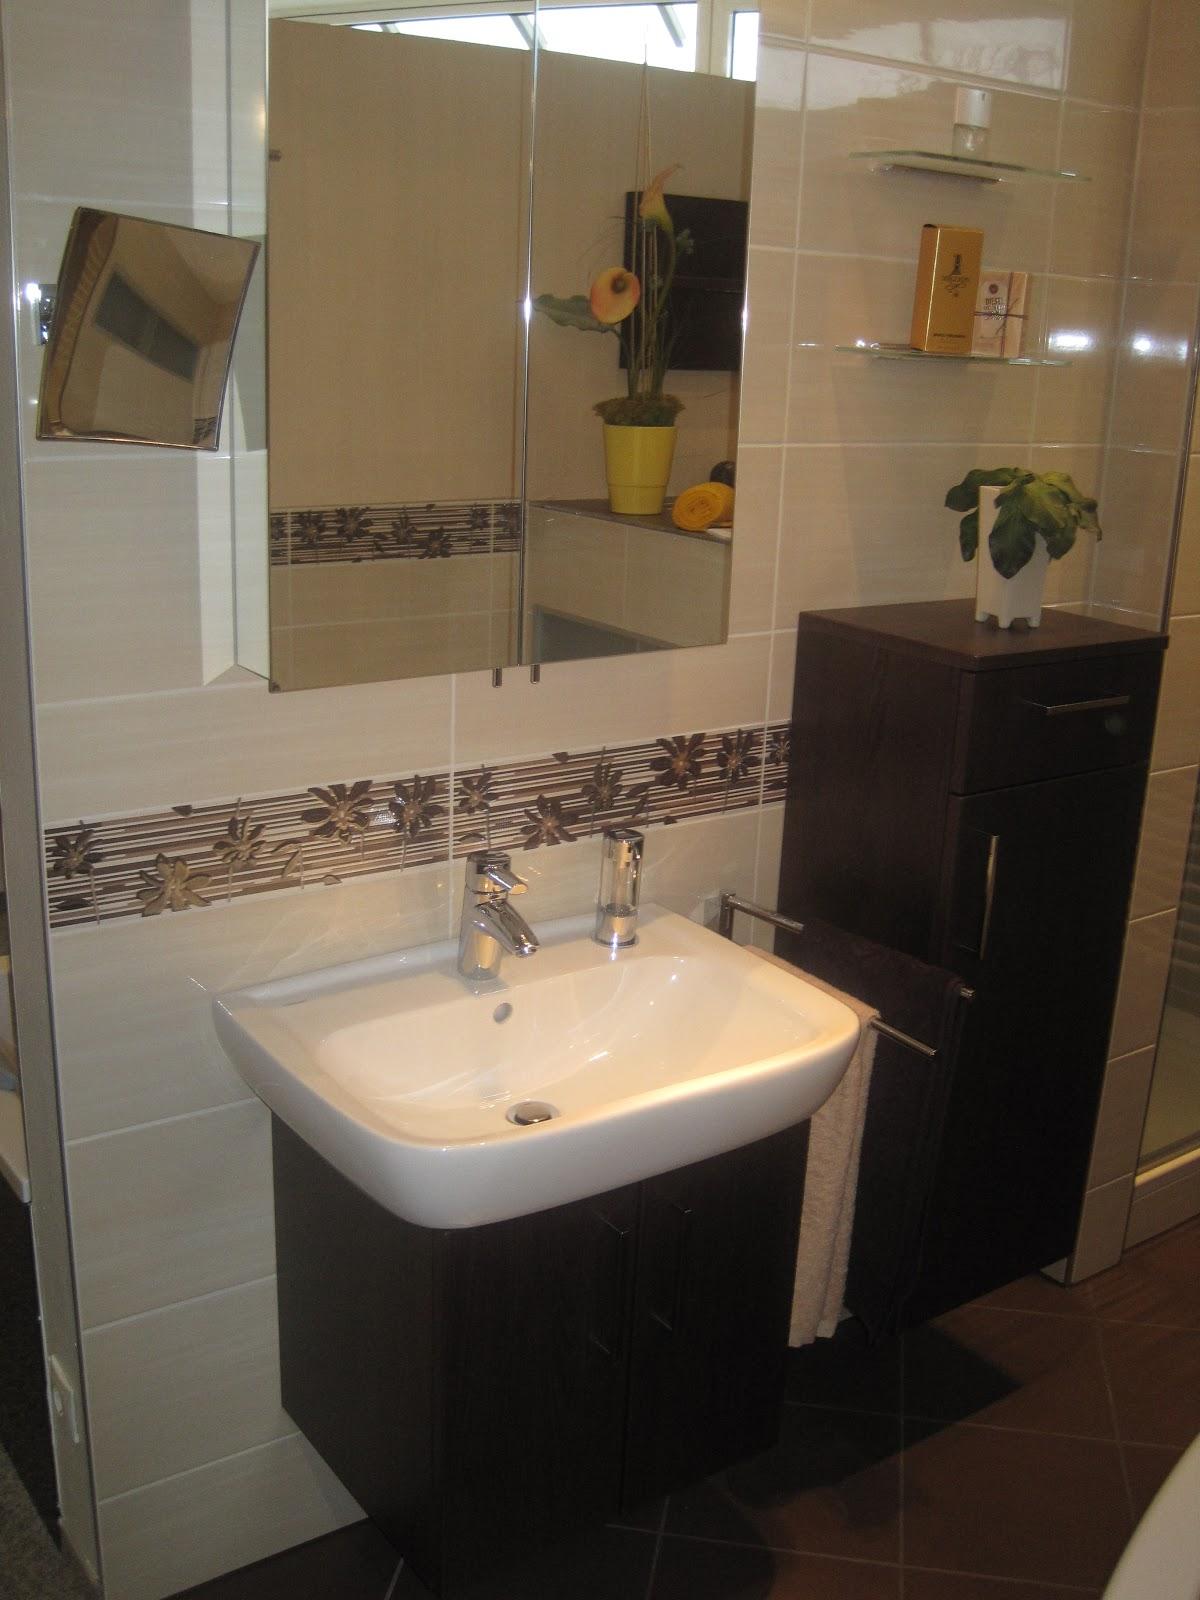 das noriplana bautagebuch bemusterung sanit reinrichtungen 1 gienger funk kg wendelstein. Black Bedroom Furniture Sets. Home Design Ideas